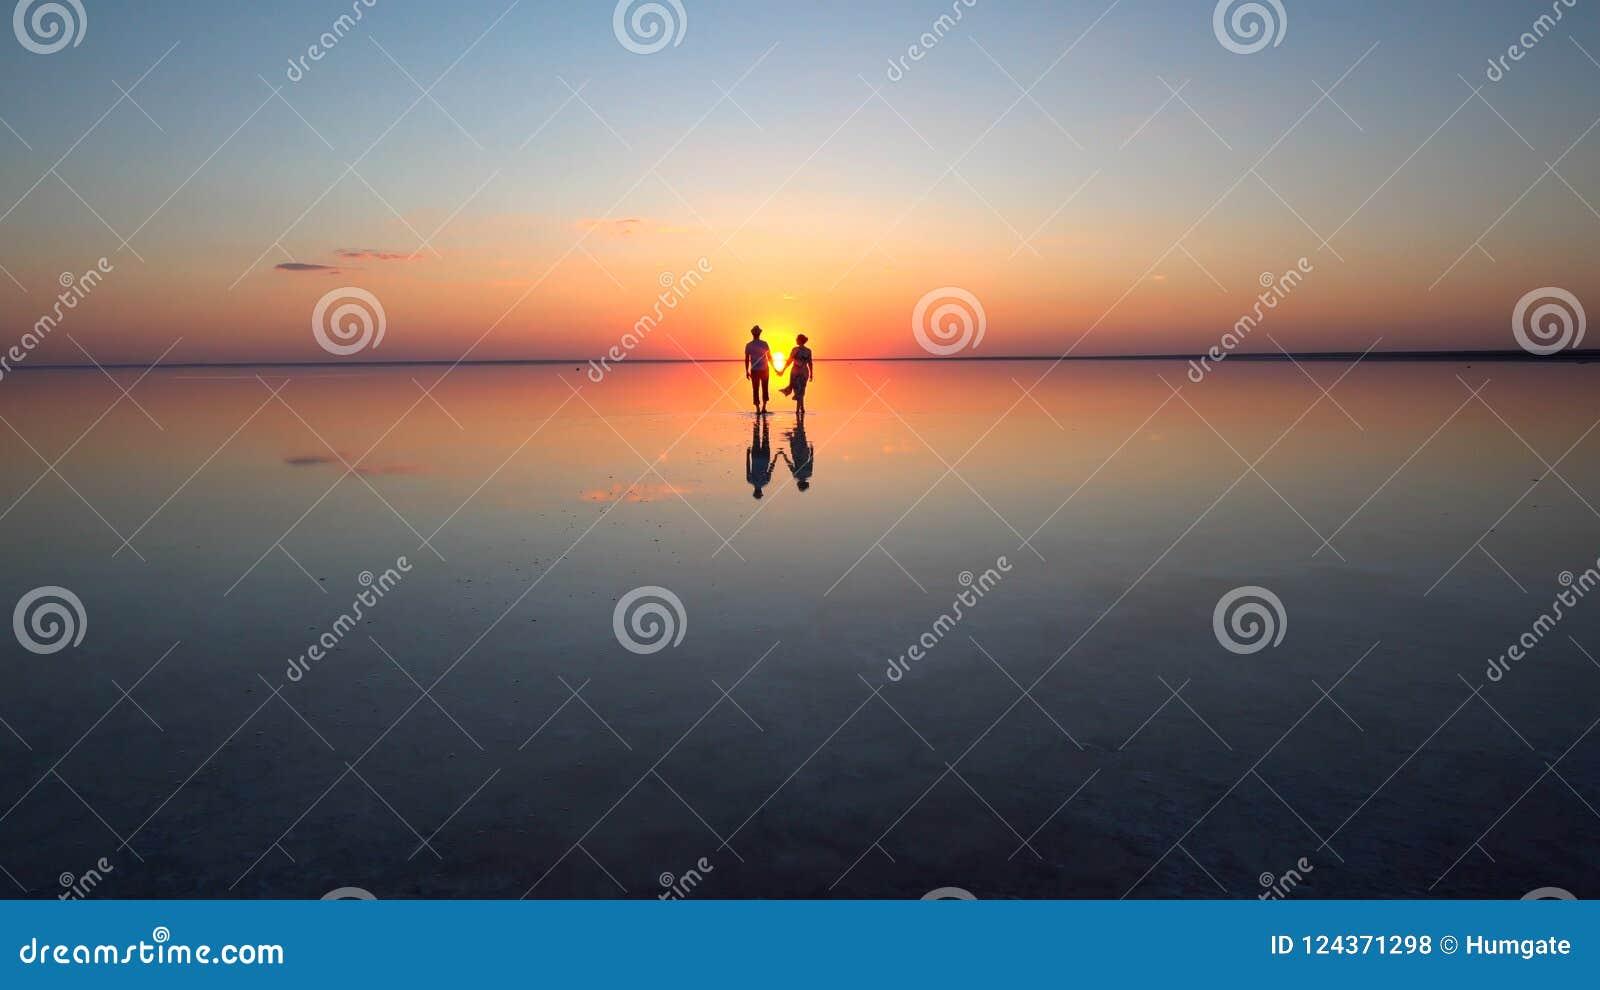 Walking into the setting sun